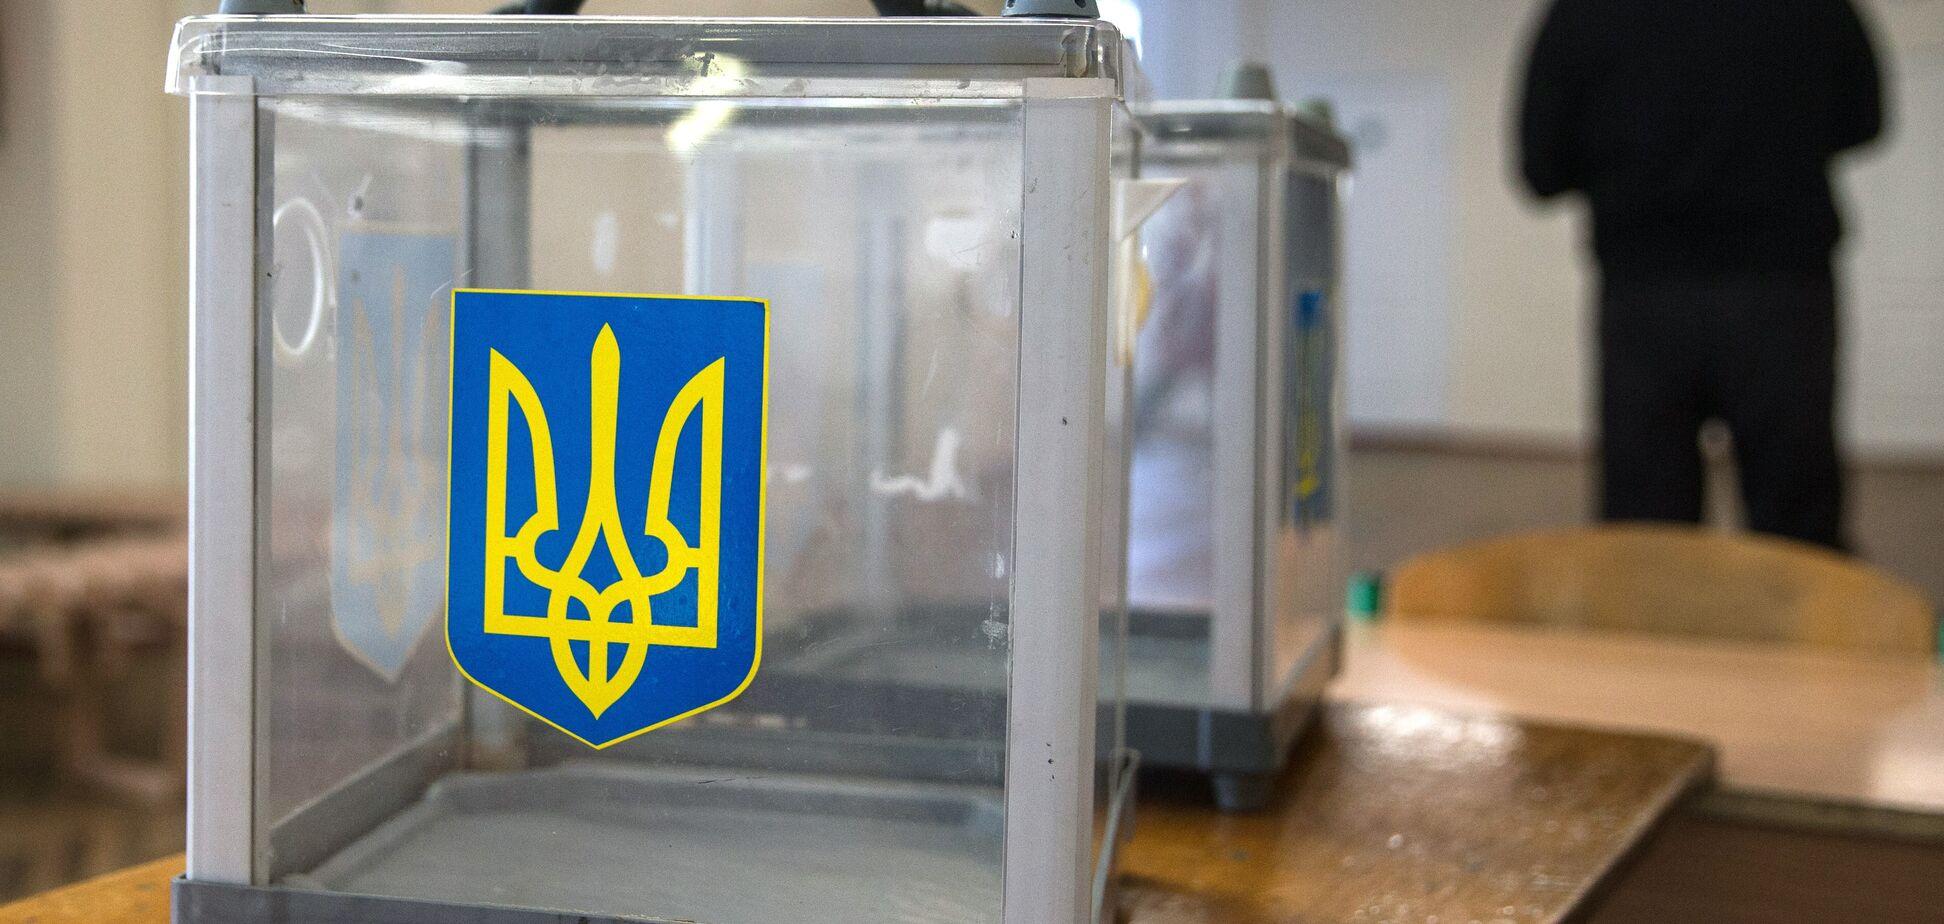 Эксперты назвали топ-3 партий, которым доверяет Украина